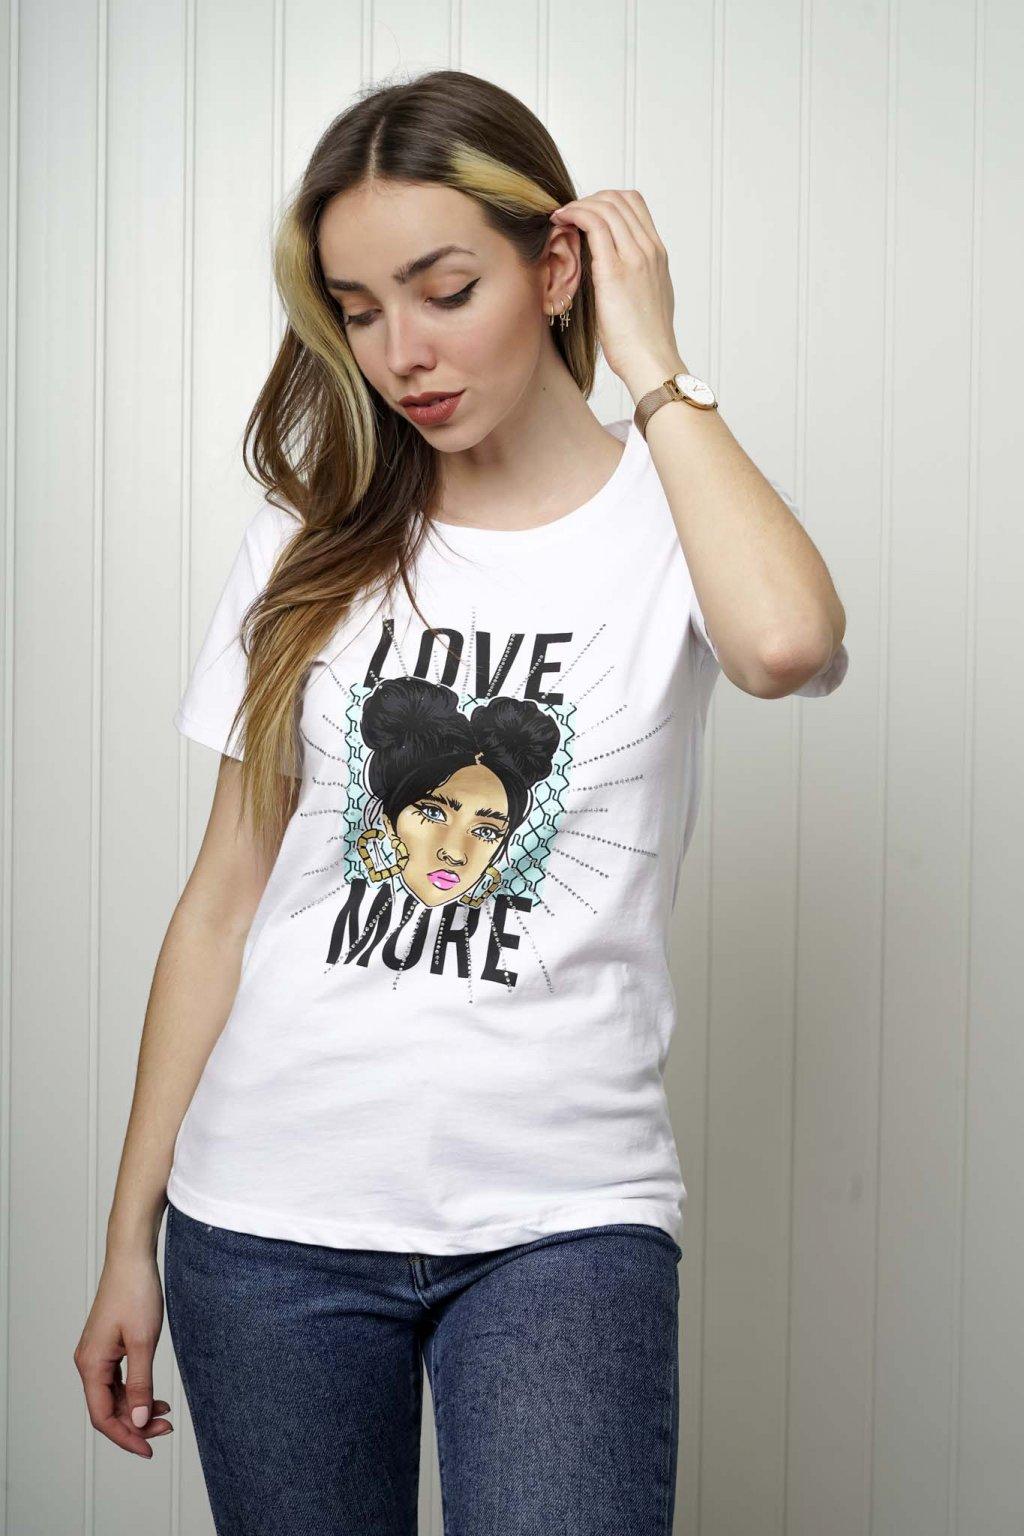 tričko, tričkové šaty, biele, čierne, žlté, vzorované, potlač, vyšívané, nášivky, fialové, street style, 25